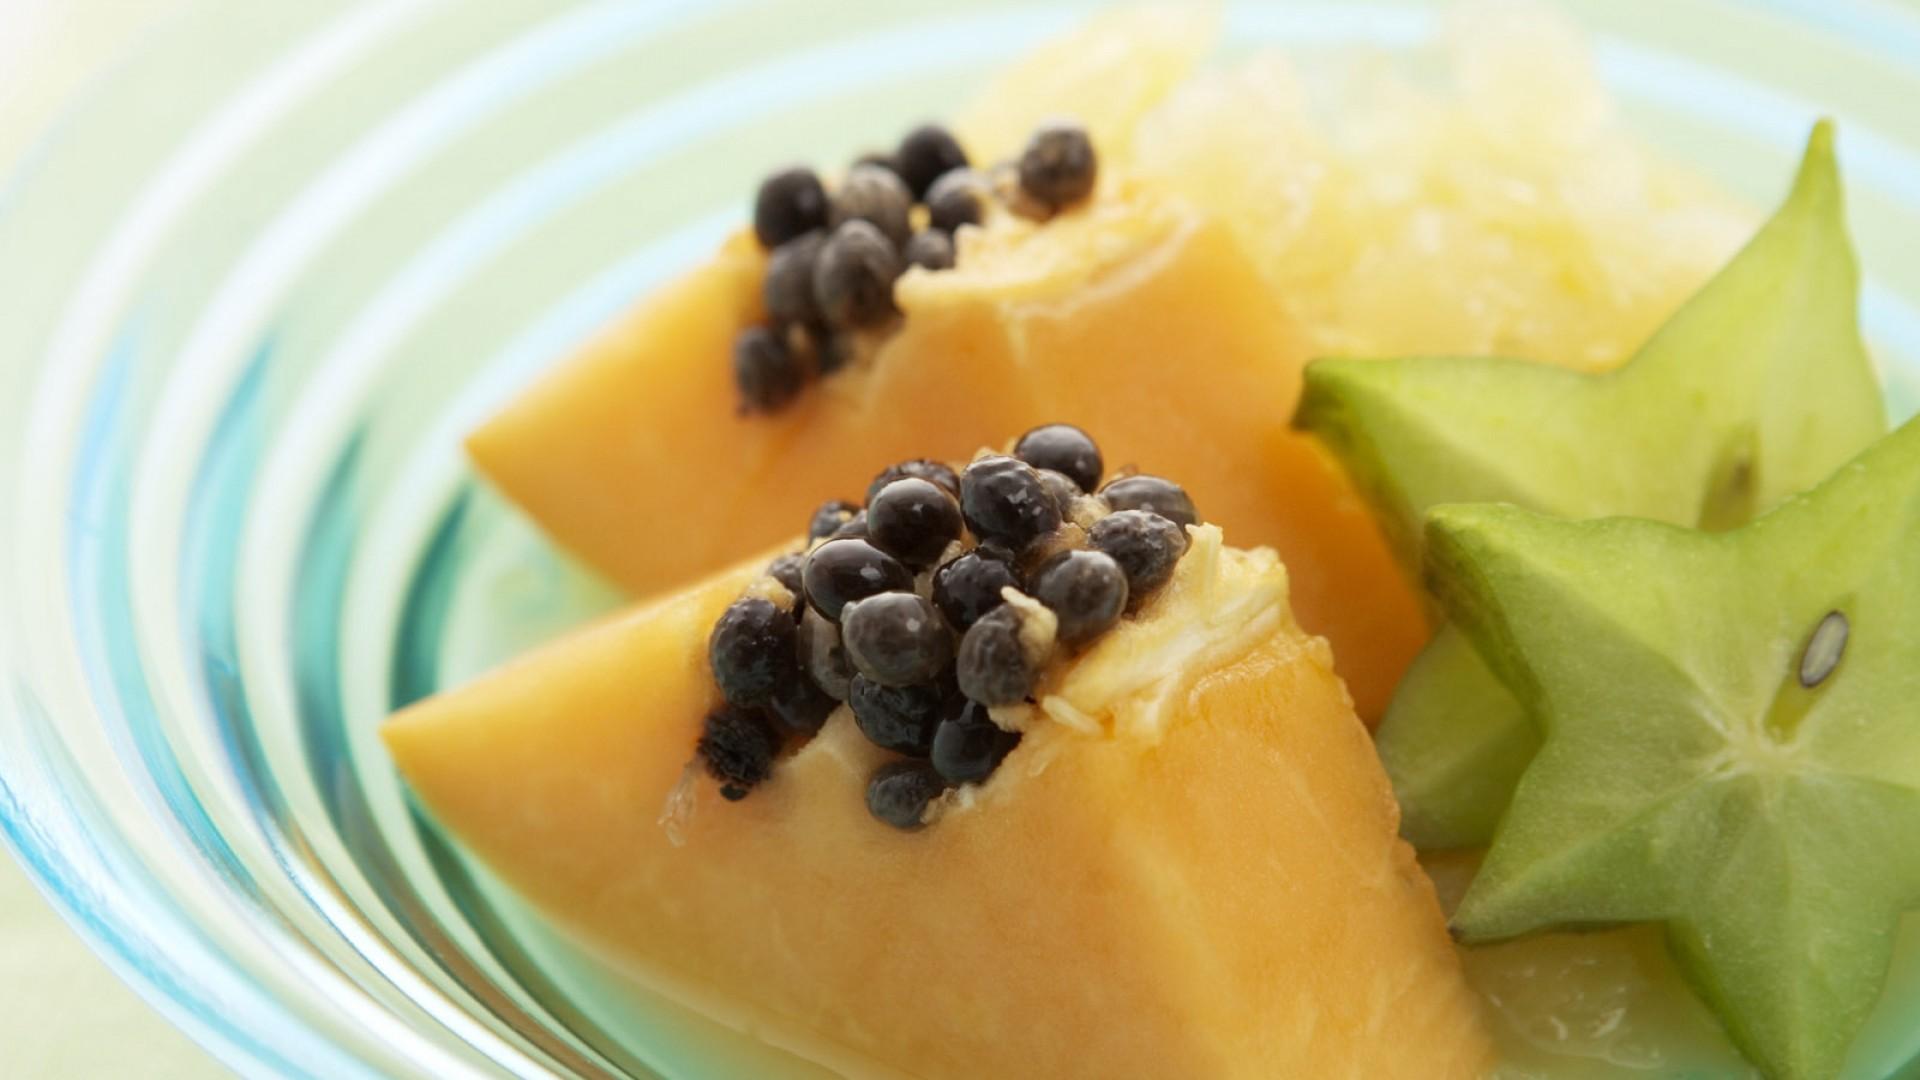 wallpaper papaya carambola food 813